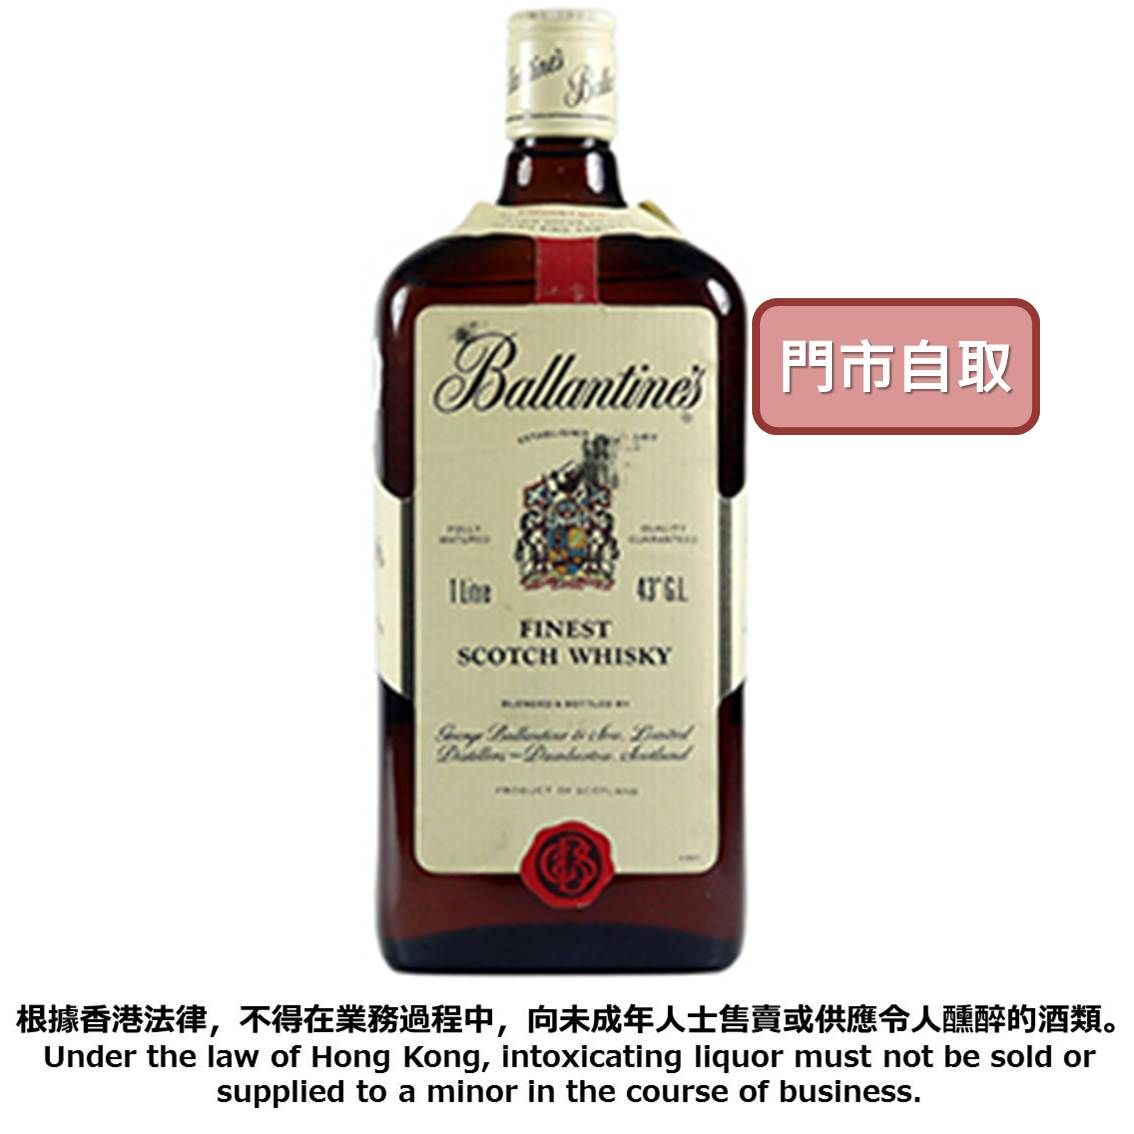 百靈壇威士忌